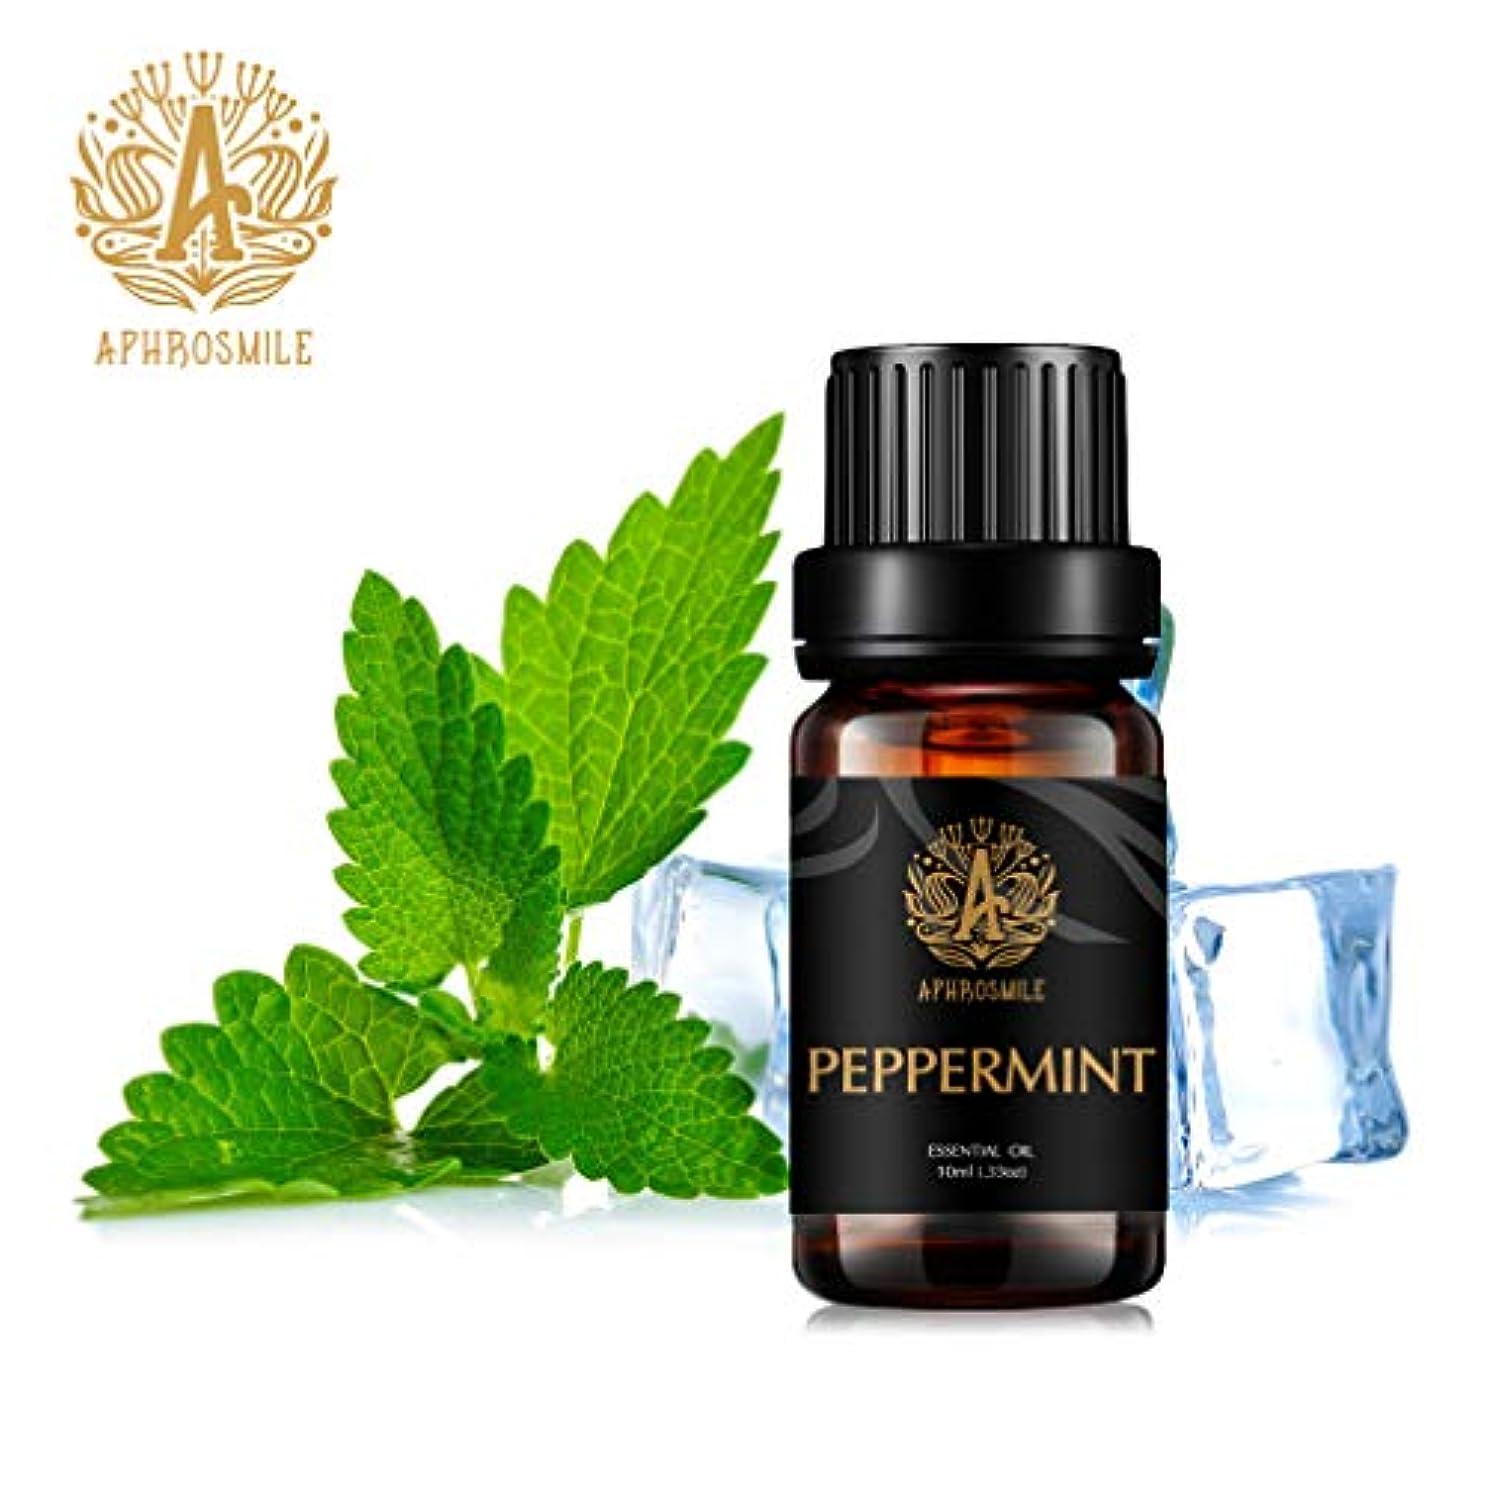 予言するエーカー二週間ペパーミントの精油、100%純粋なアロマセラピーエッセンシャルオイルペパーミントの香り、明確な思考と、治療用グレードエッセンシャルオイルペパーミントの香り為にディフューザー、マッサージ、加湿器、デイリーケア、0.33オンス...